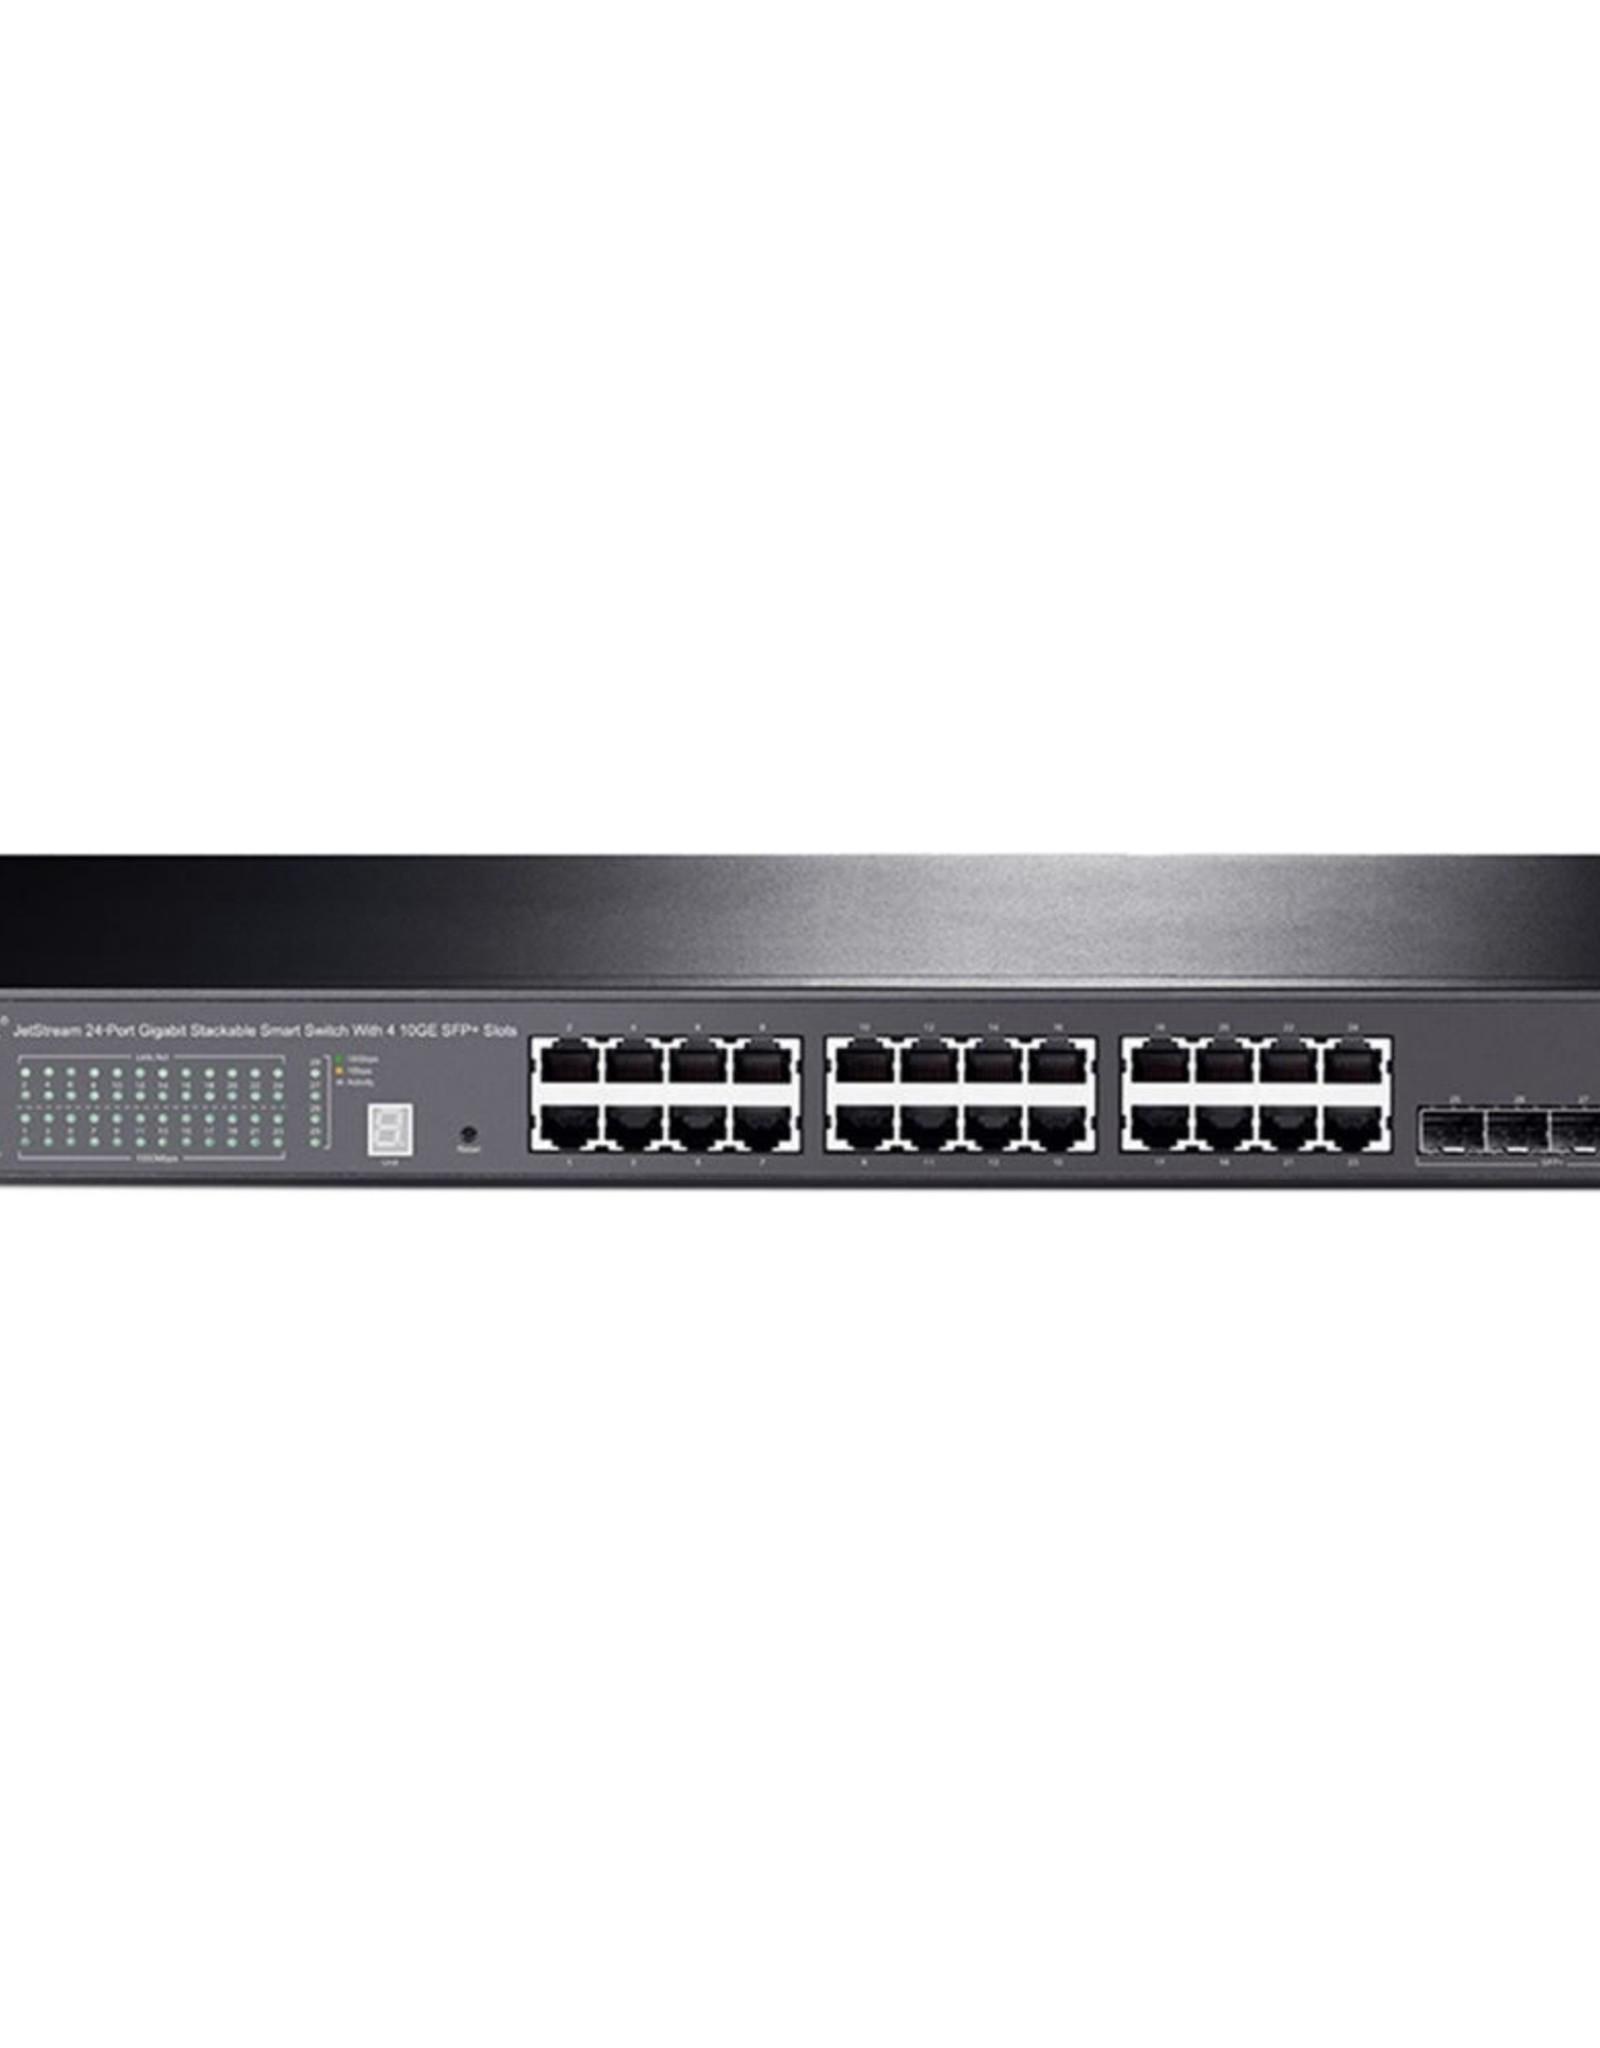 24Port, 24x1Gb - 4xSFP Smart Switch